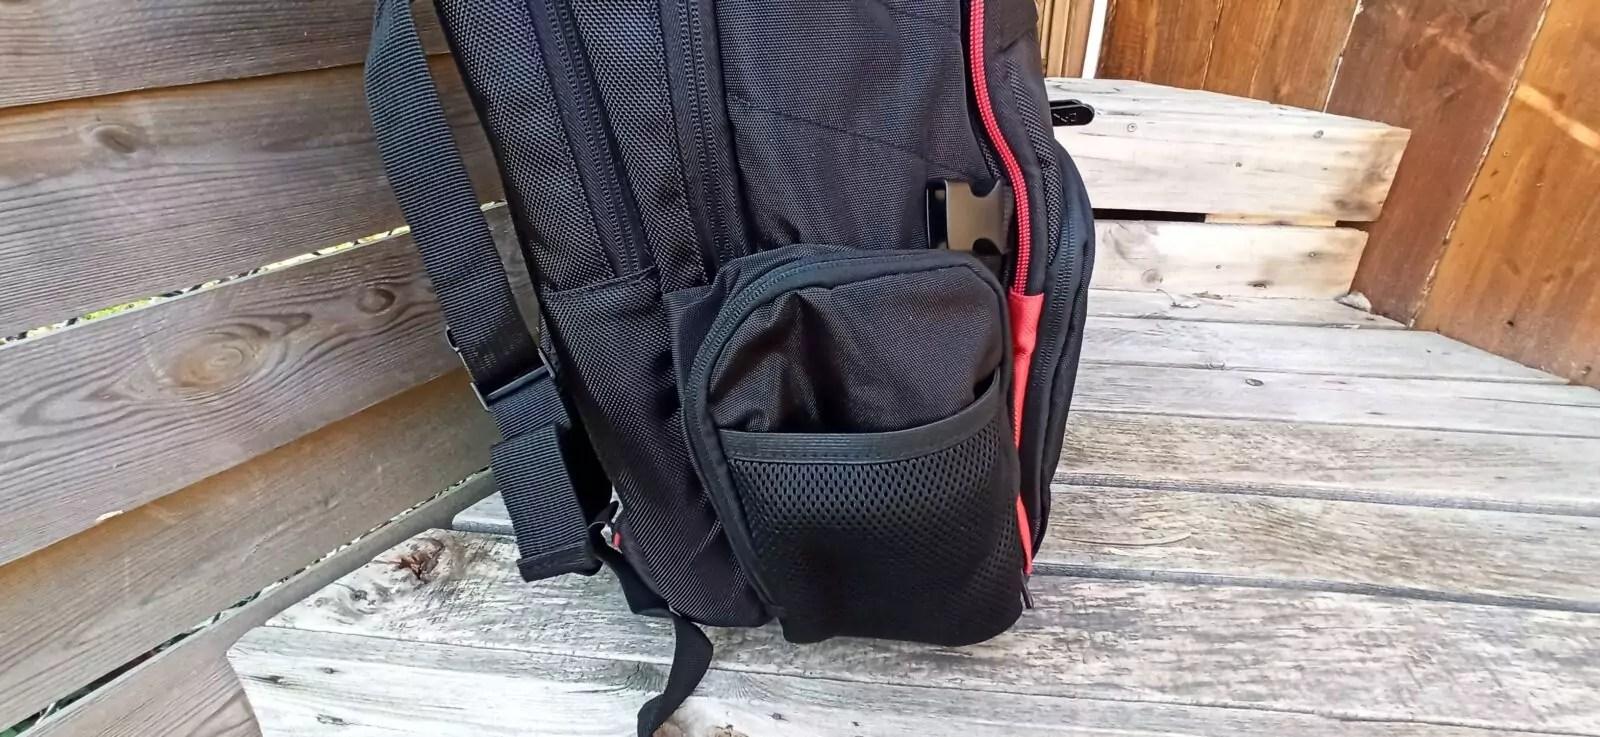 GXT 1250 poches extérieures